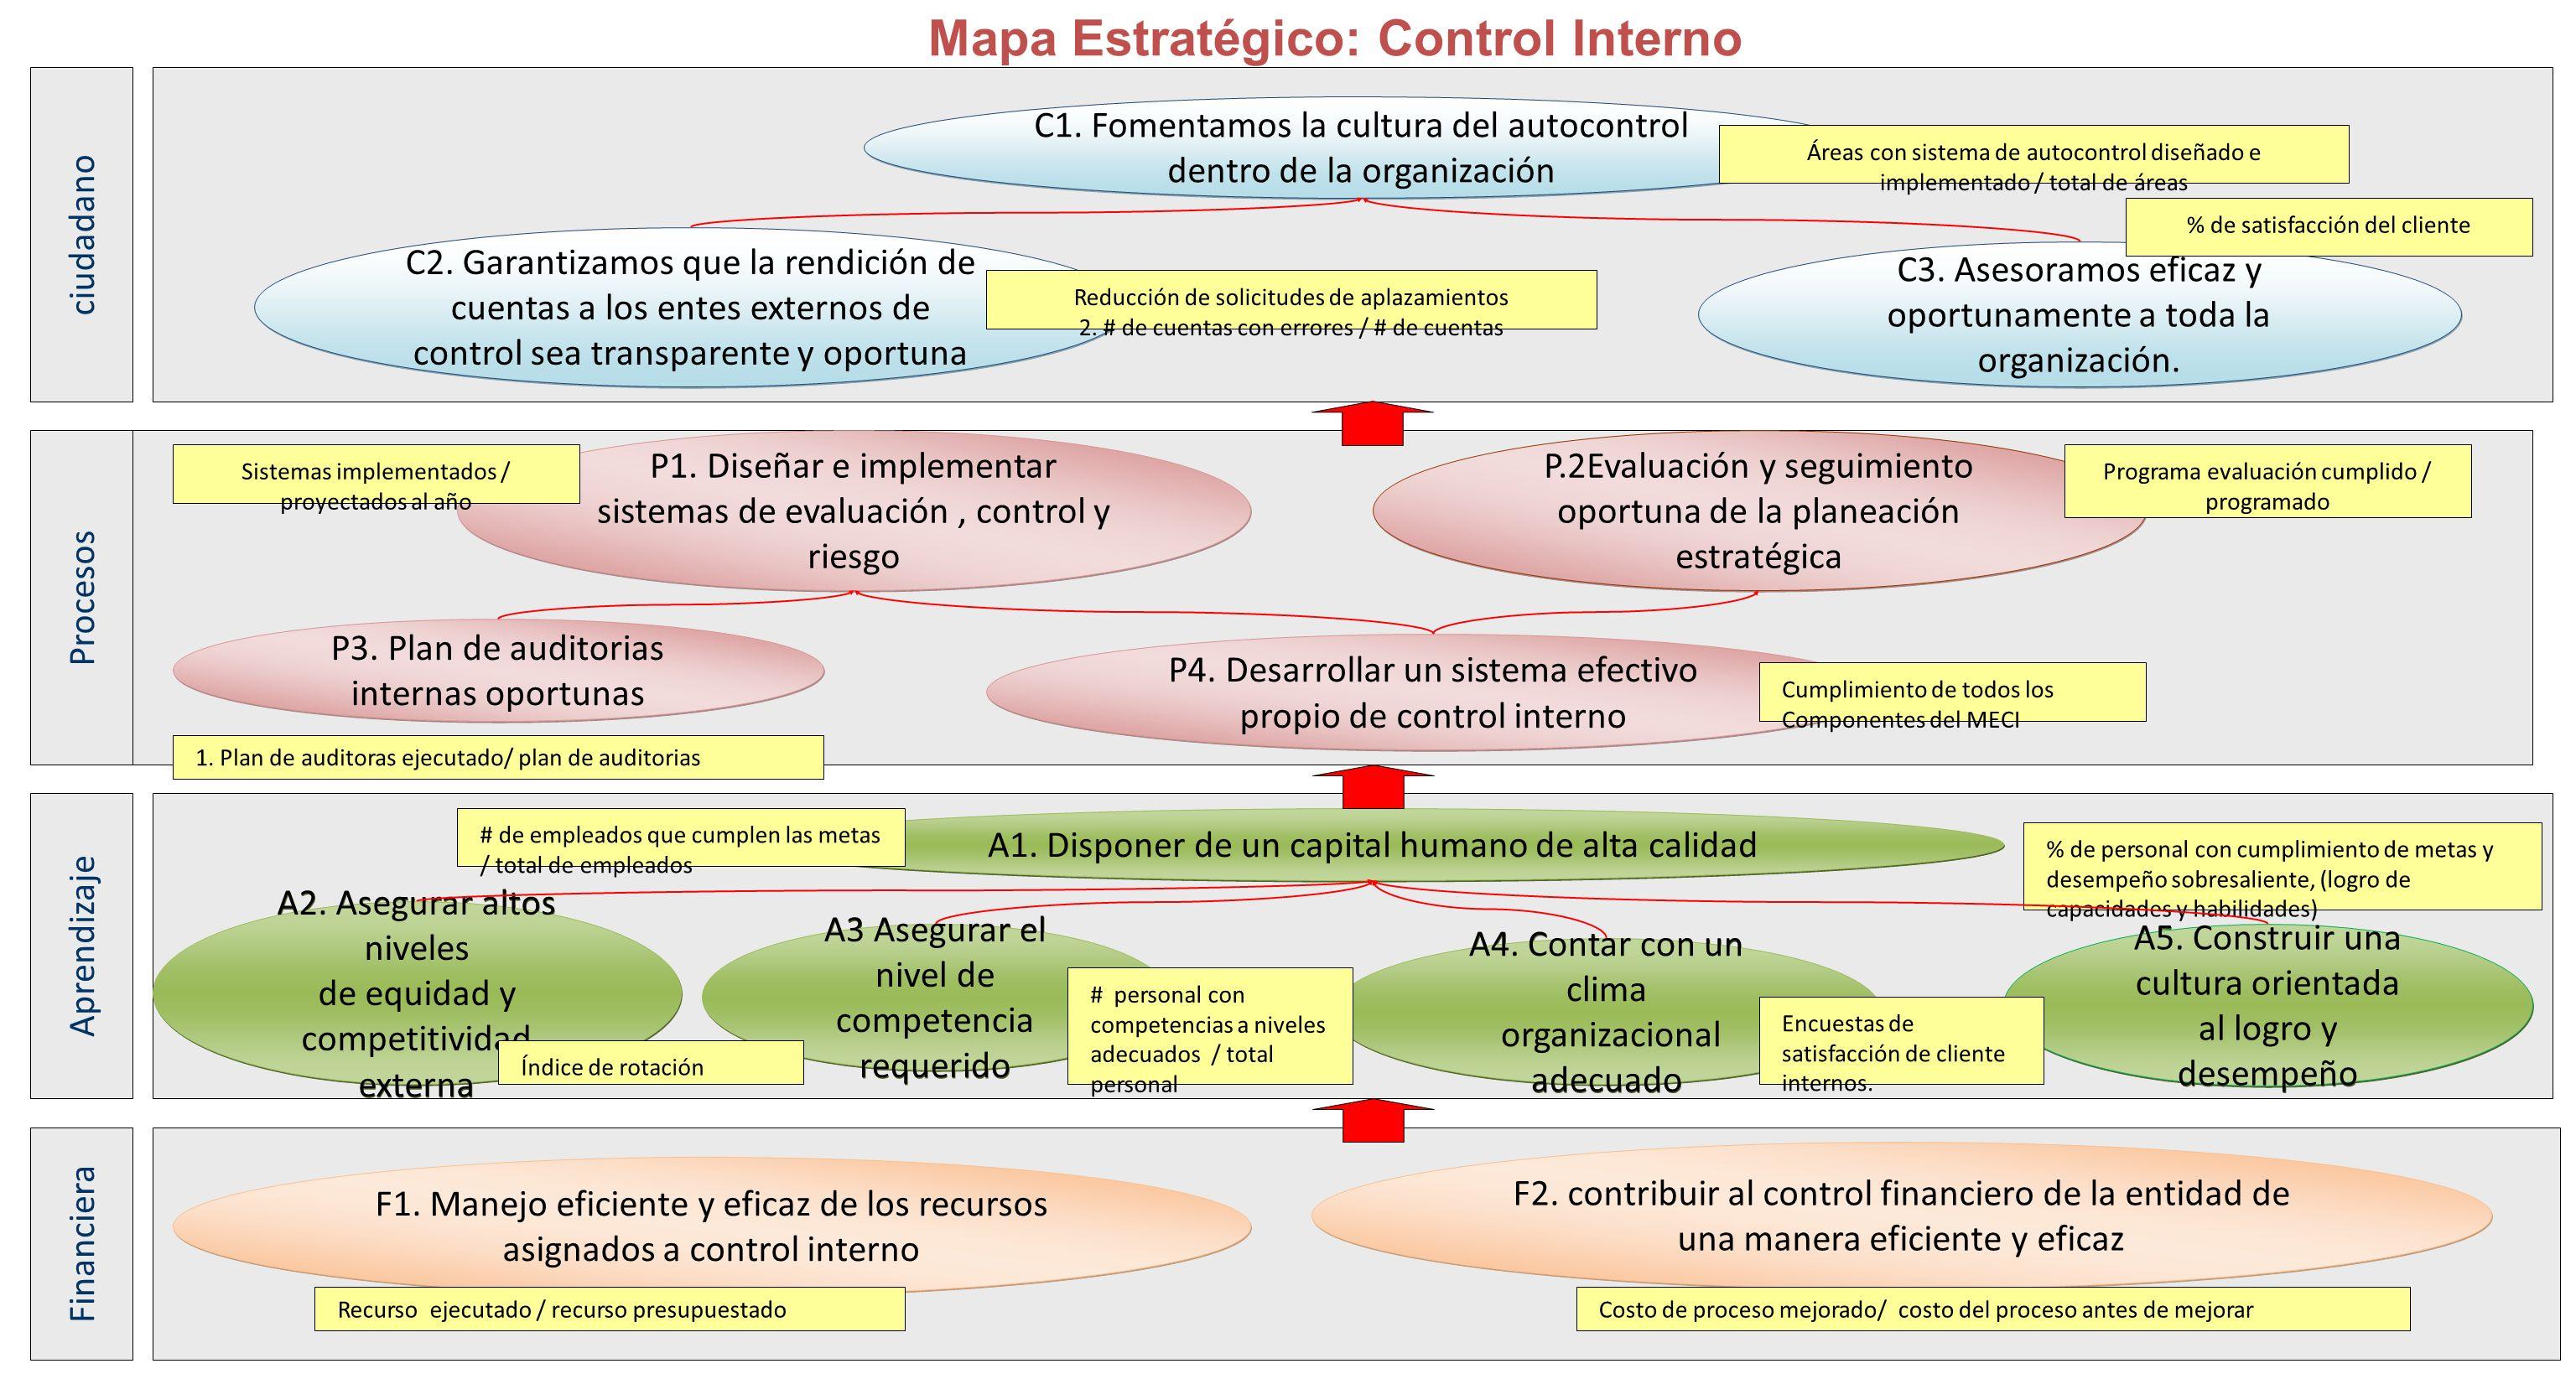 Mapa Estratégico: Control Interno P.2Evaluación y seguimiento oportuna de la planeación estratégica P4. Desarrollar un sistema efectivo propio de cont